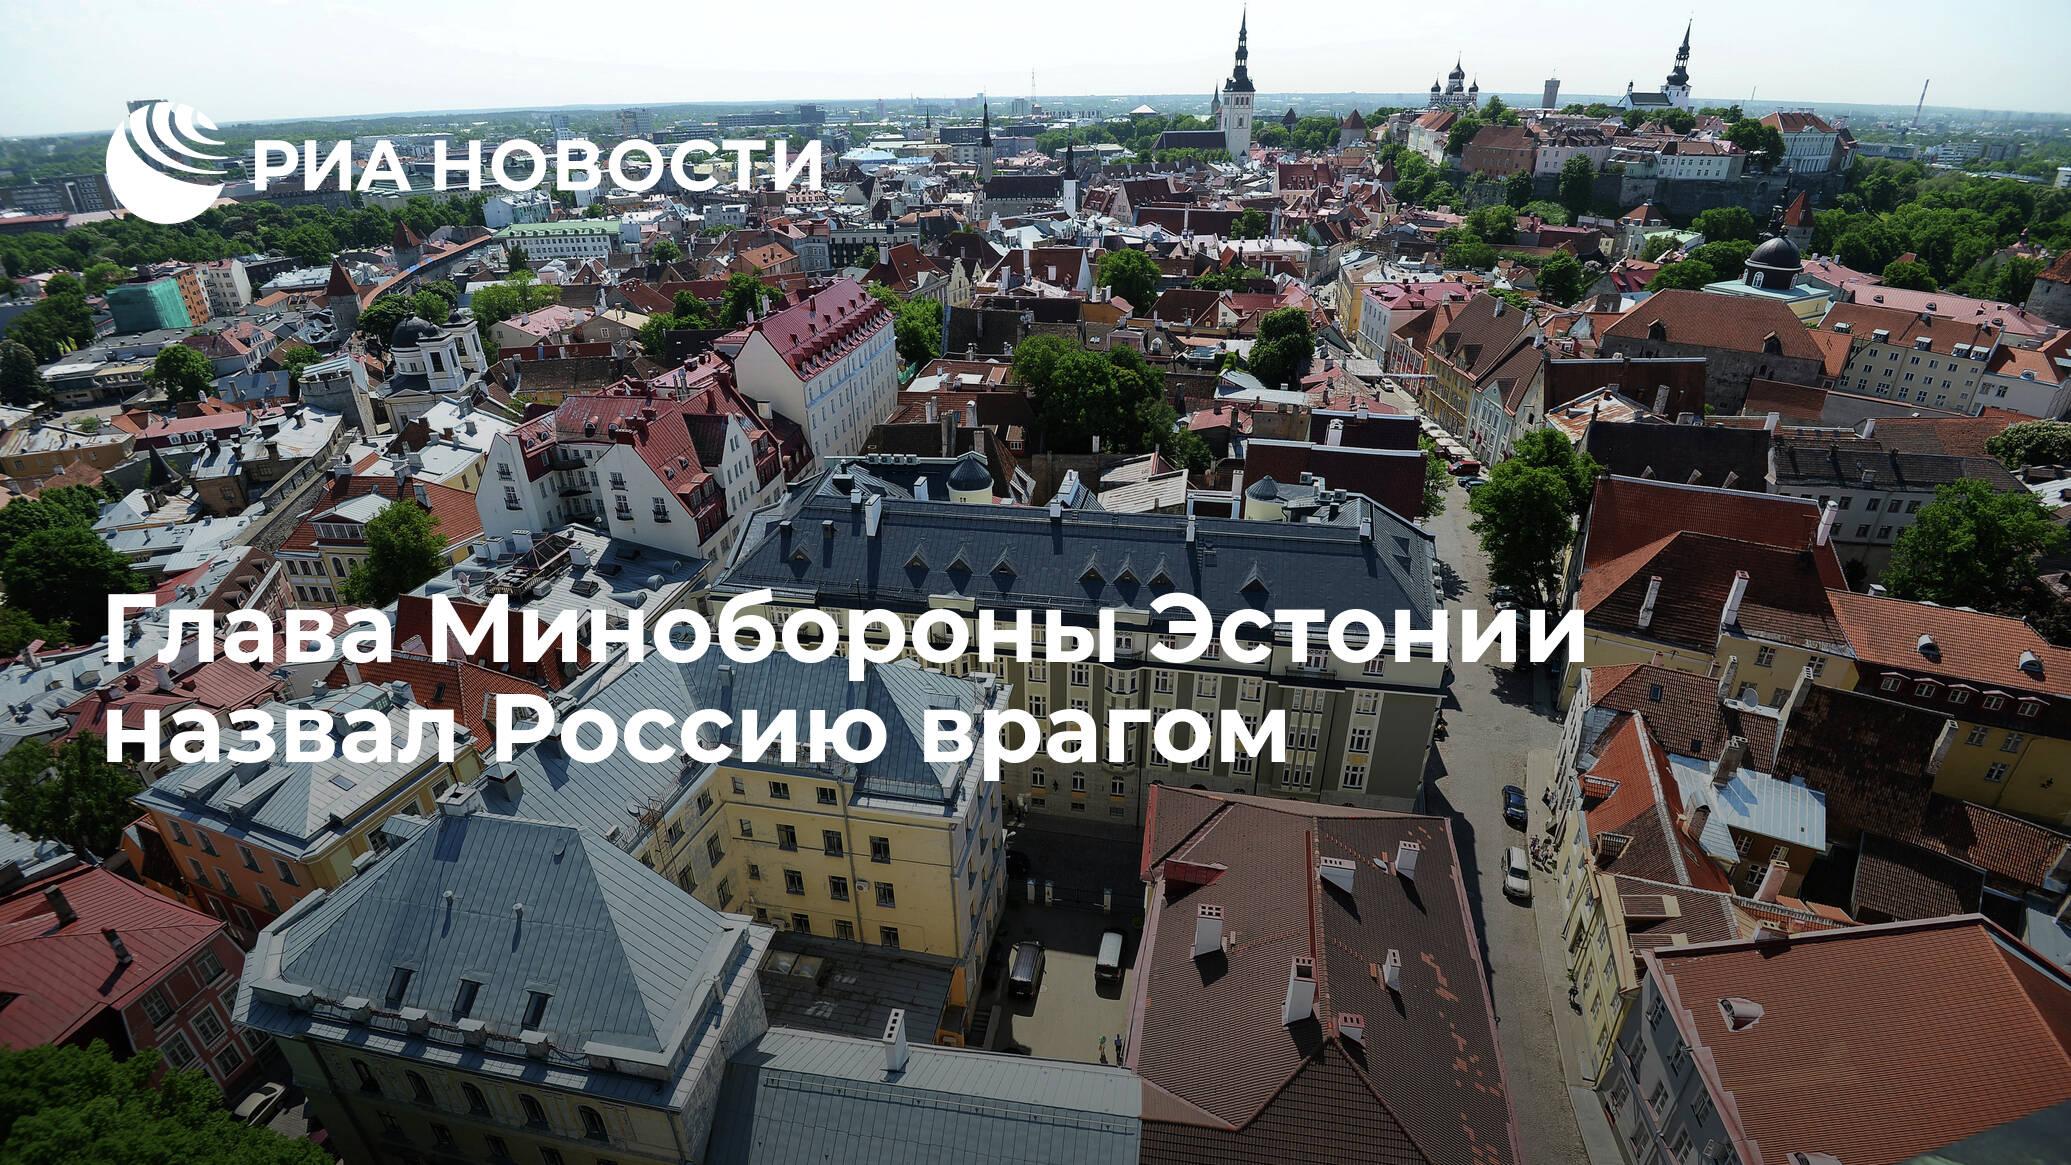 Глава Минобороны Эстонии назвал Россию врагом